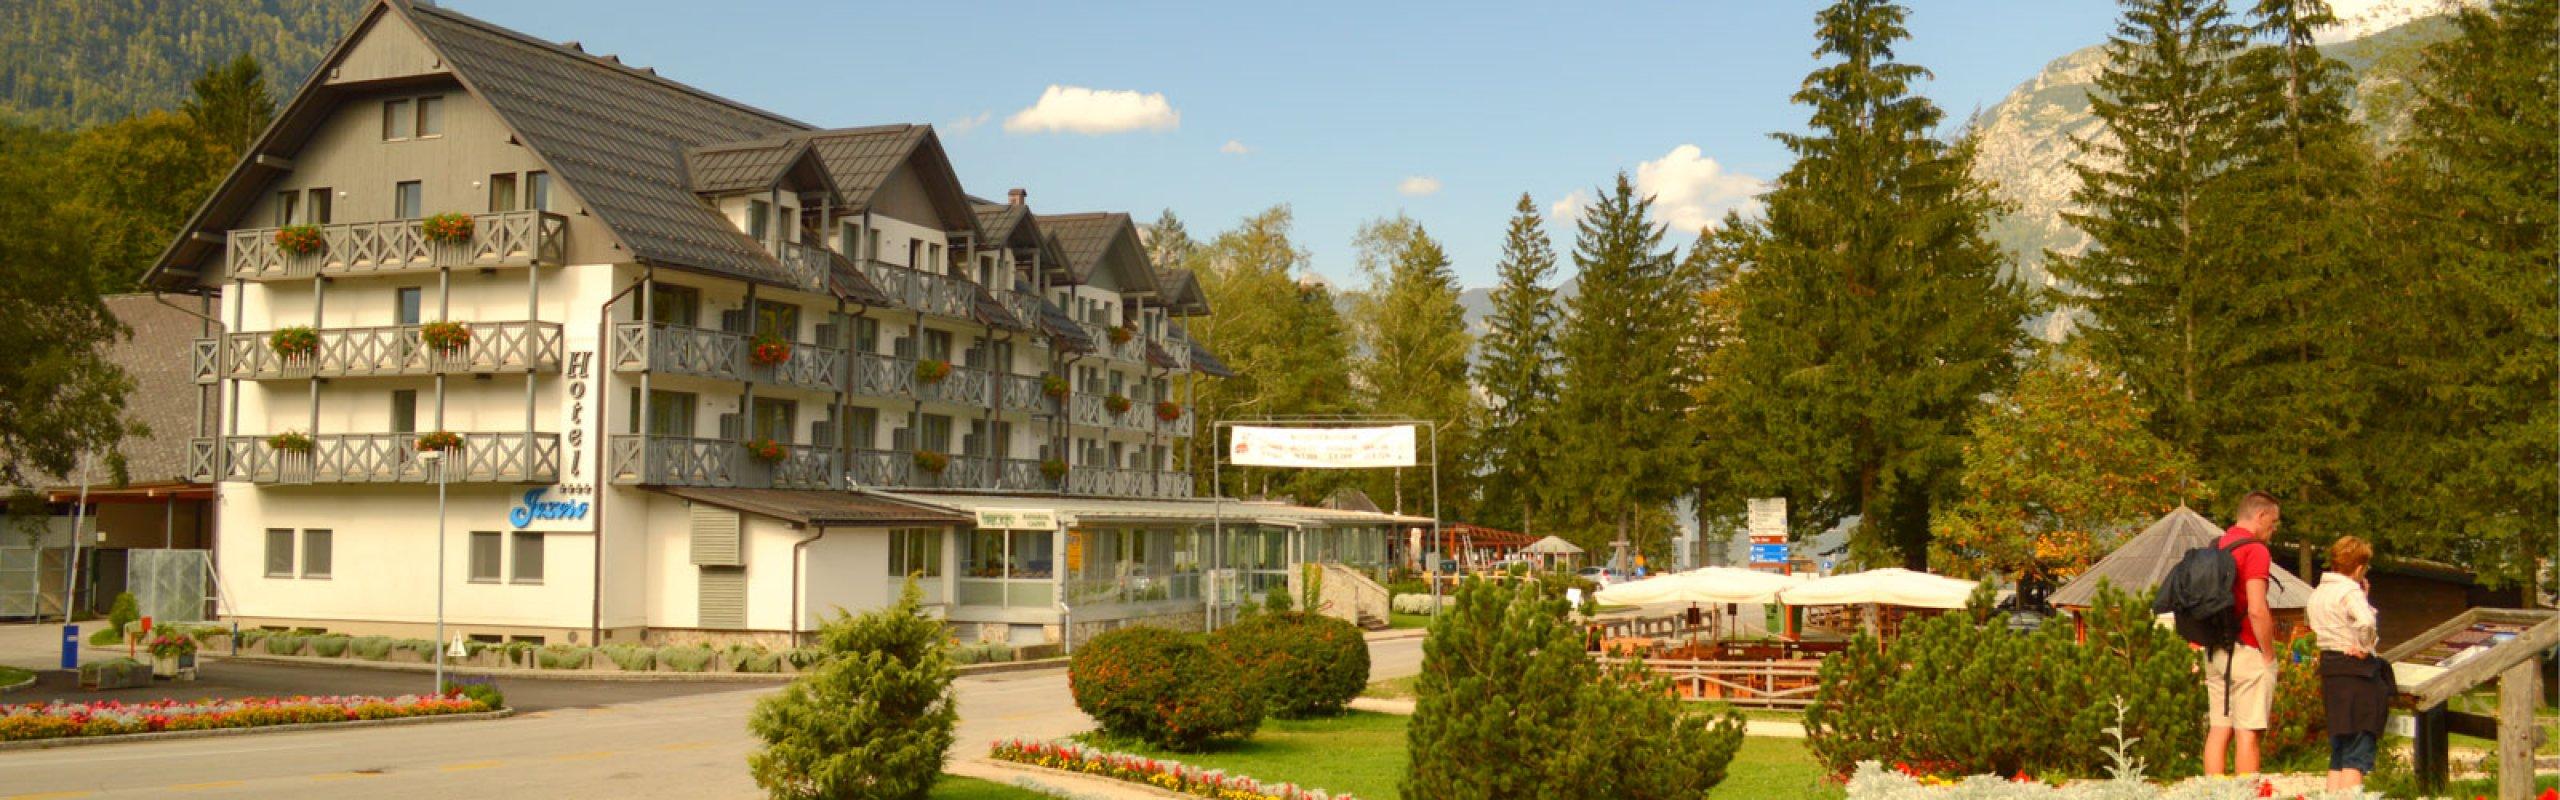 BOHINJ - Slovenija